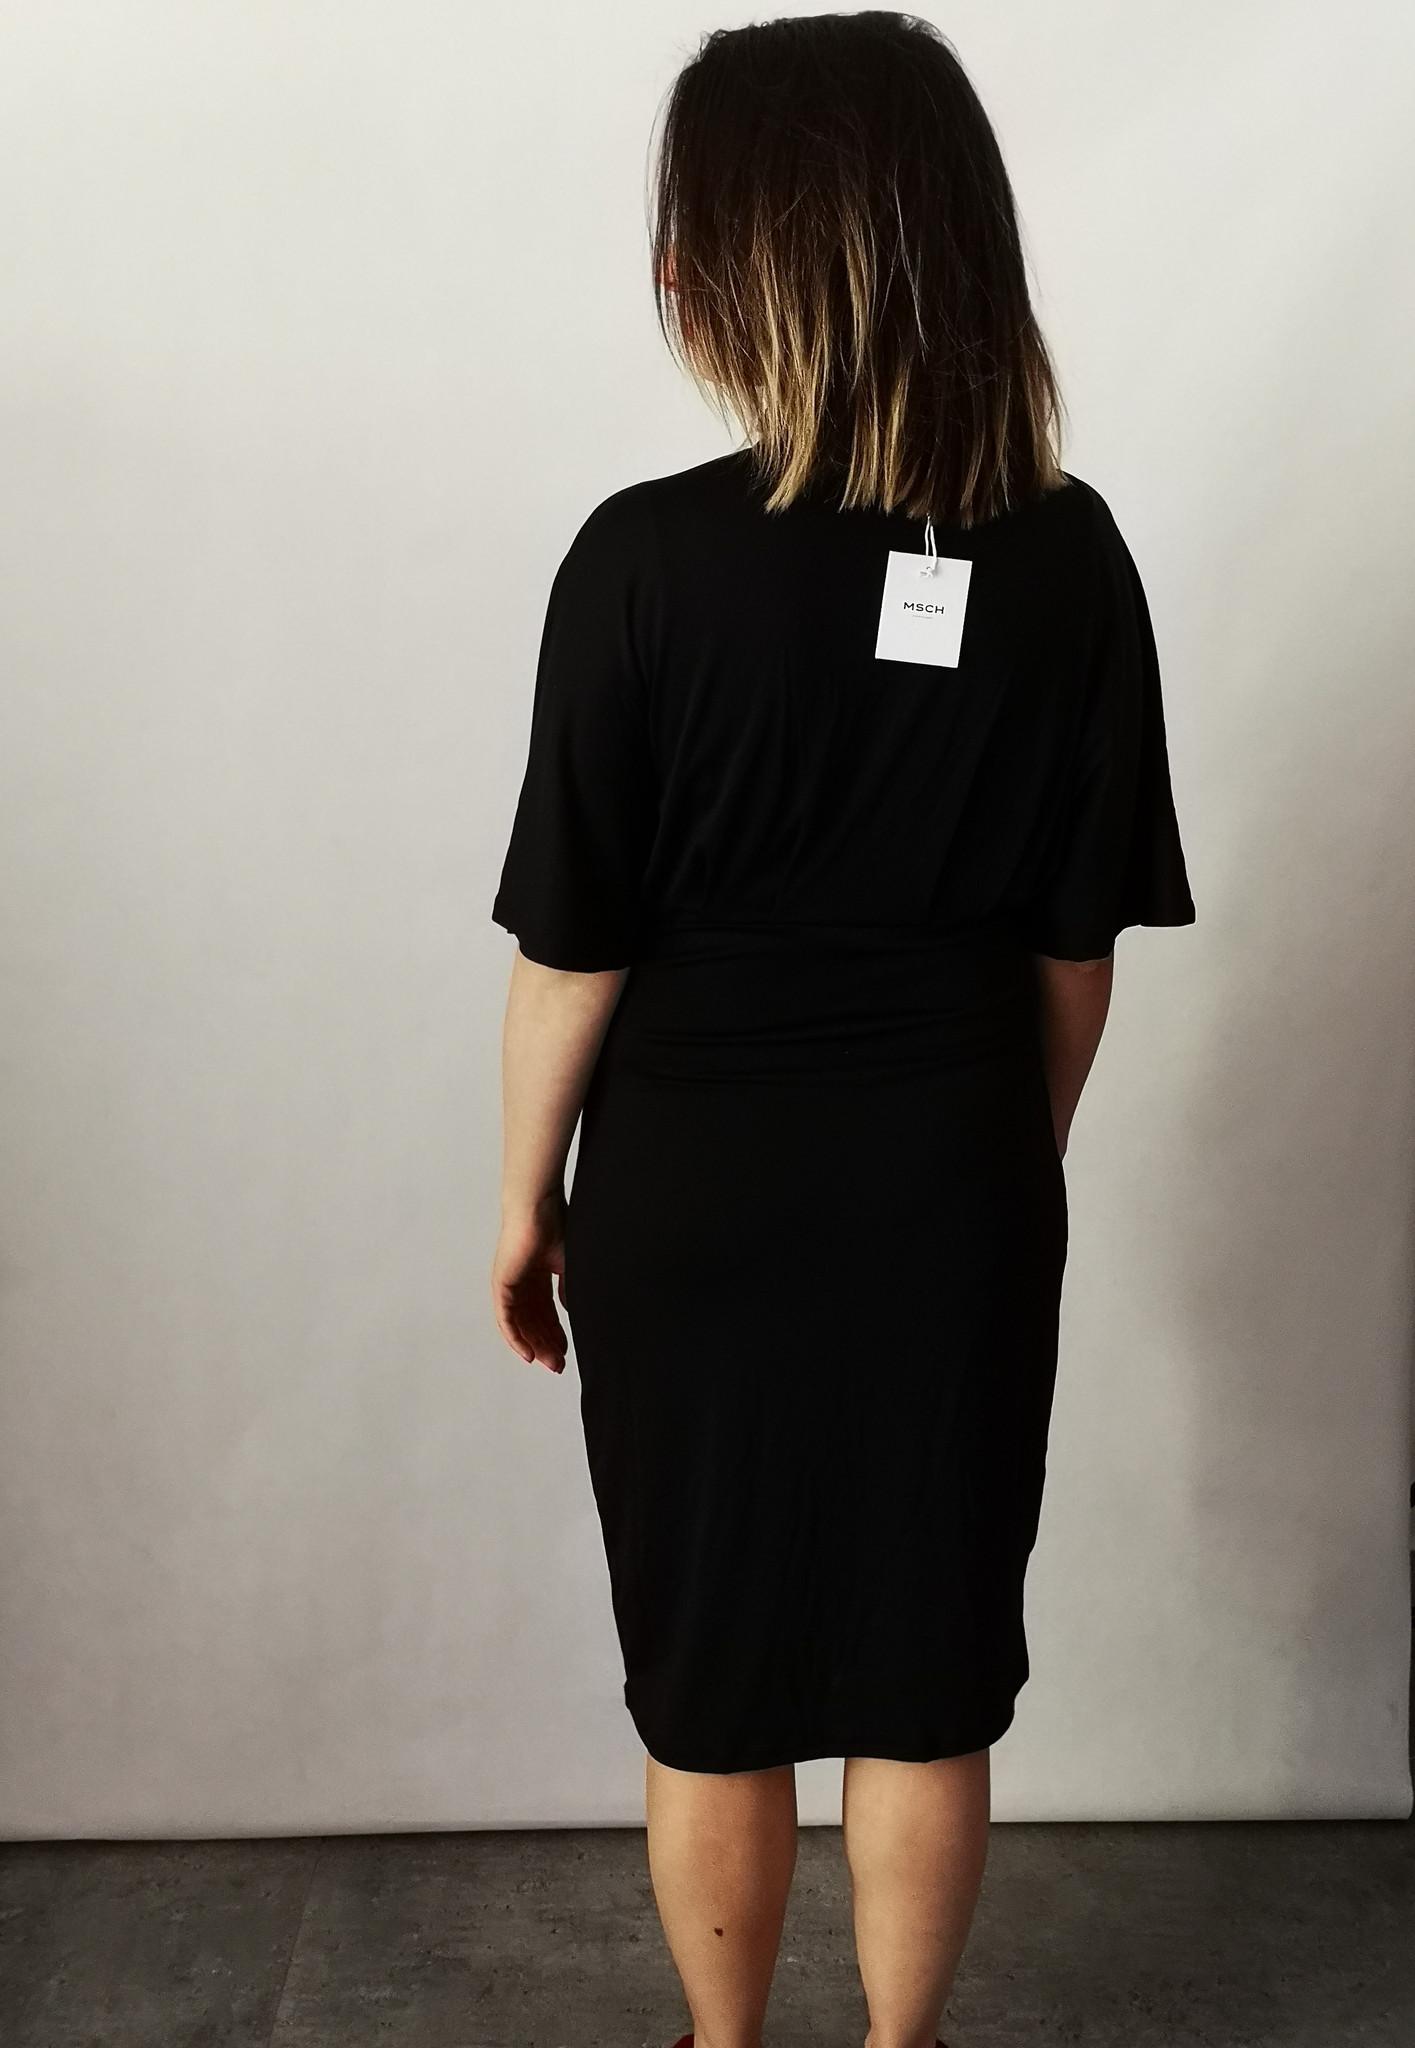 Ruth SS dress mała czarna - Nie byle | JestemSlow.pl